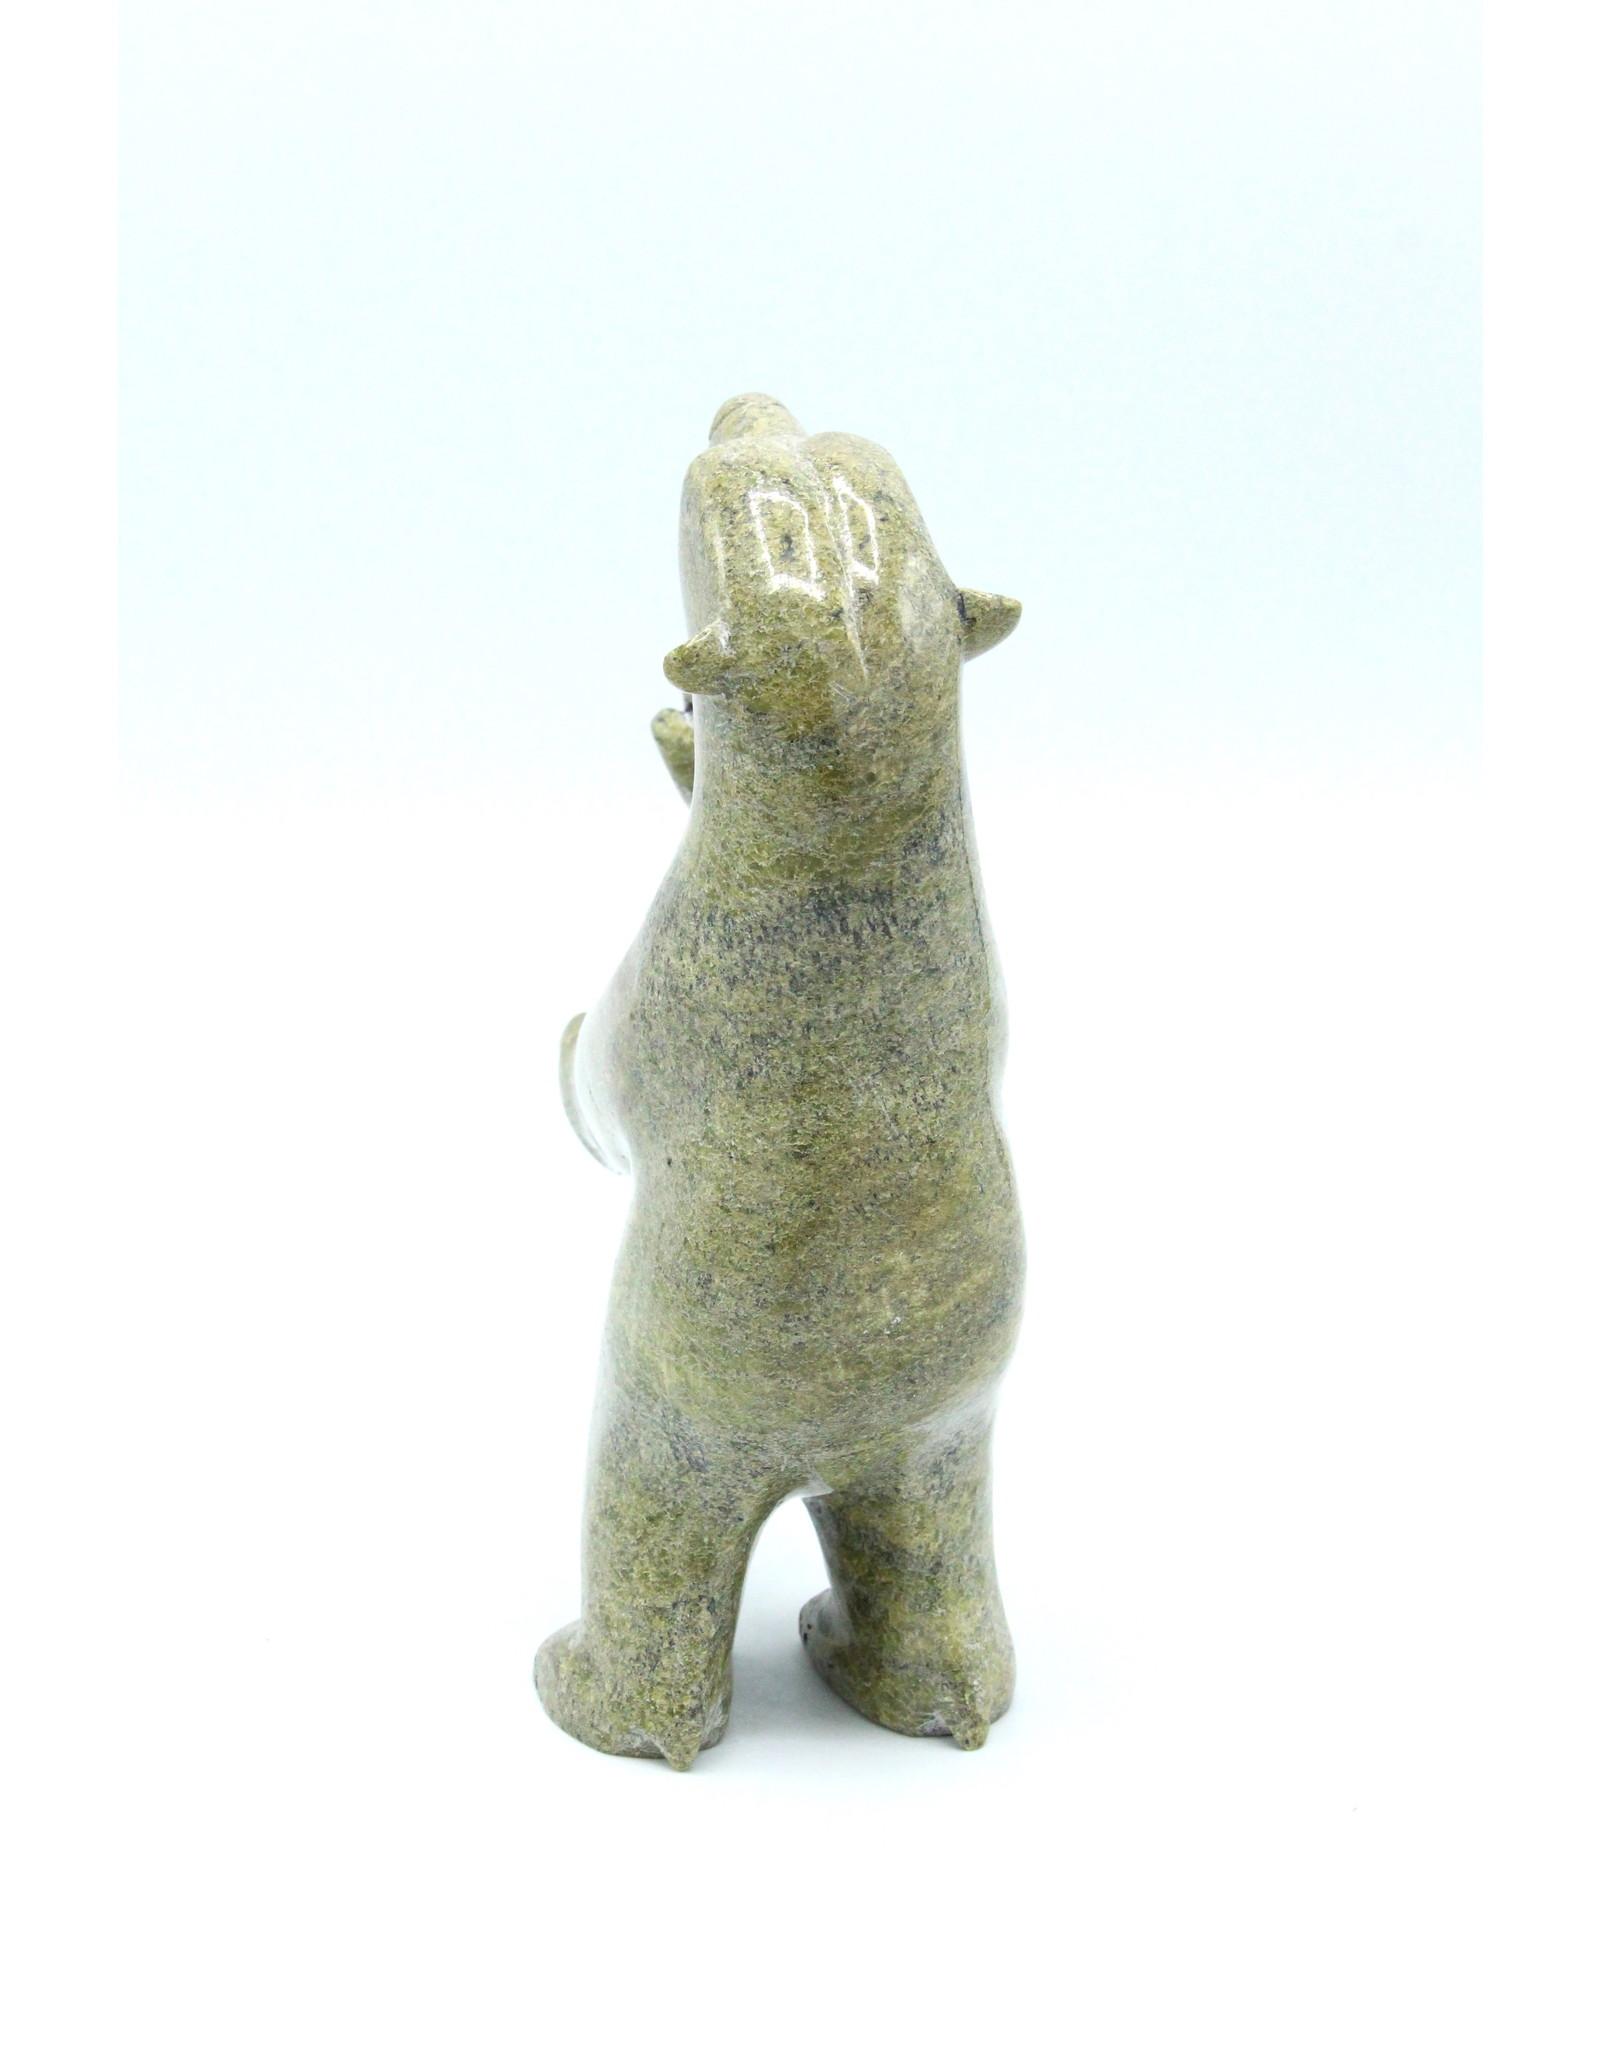 179-1264900 Dancing Bear by Eegeesiak Pitsiulak